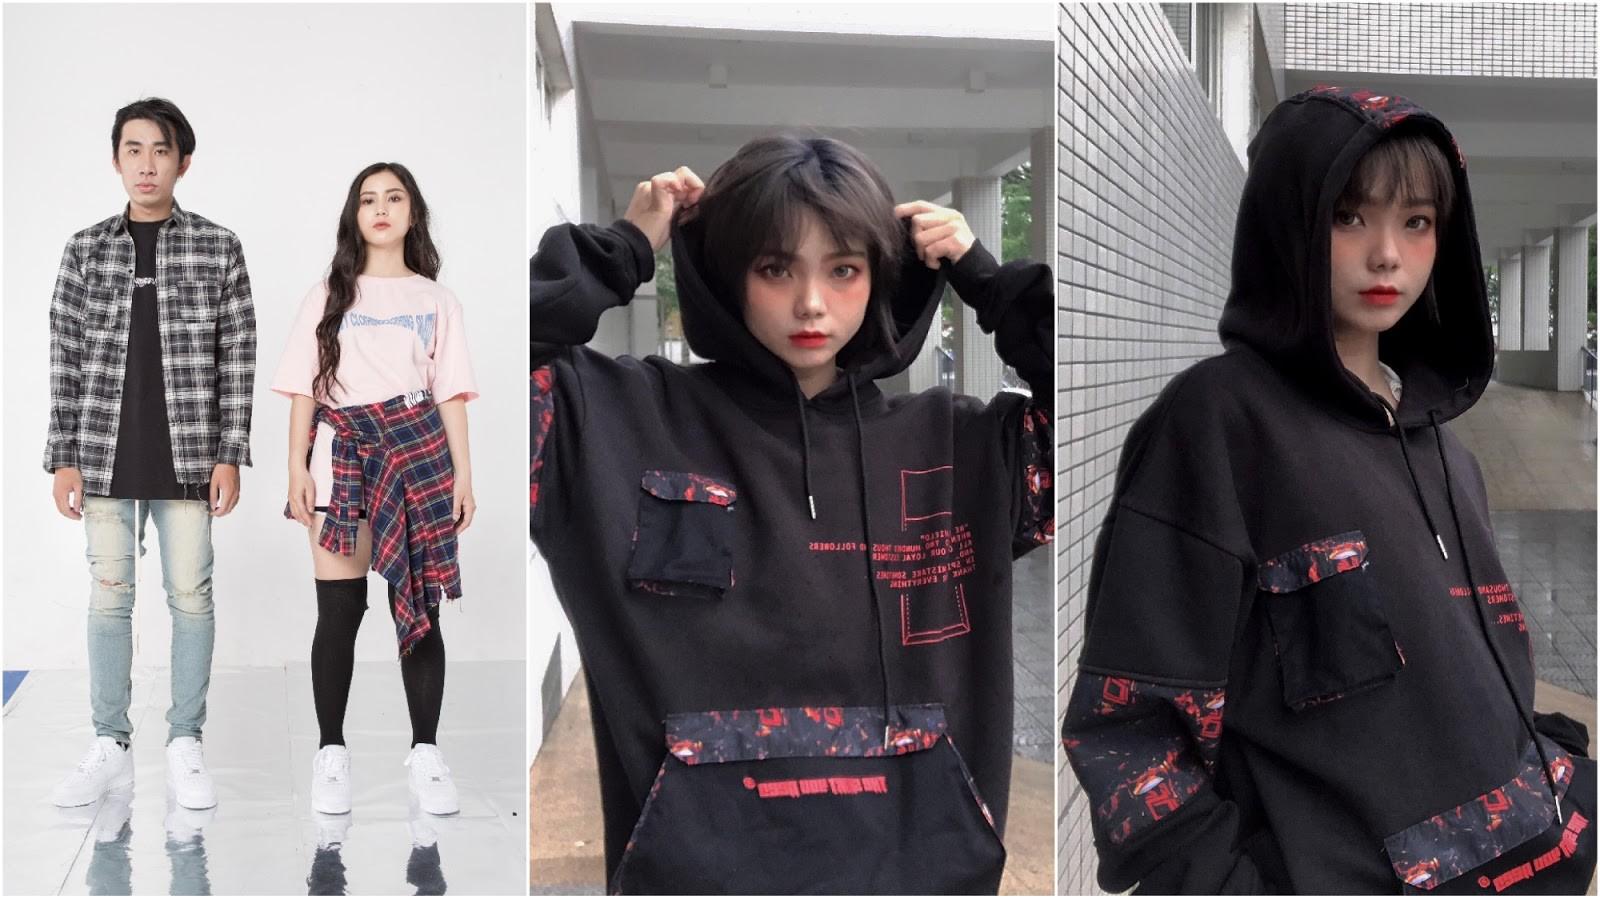 Hàng loạt tên tuổi đình đám về streetwear sẽ góp mặt tại dịp sale lớn nhất năm tại Dosi-in.com - Ảnh 1.